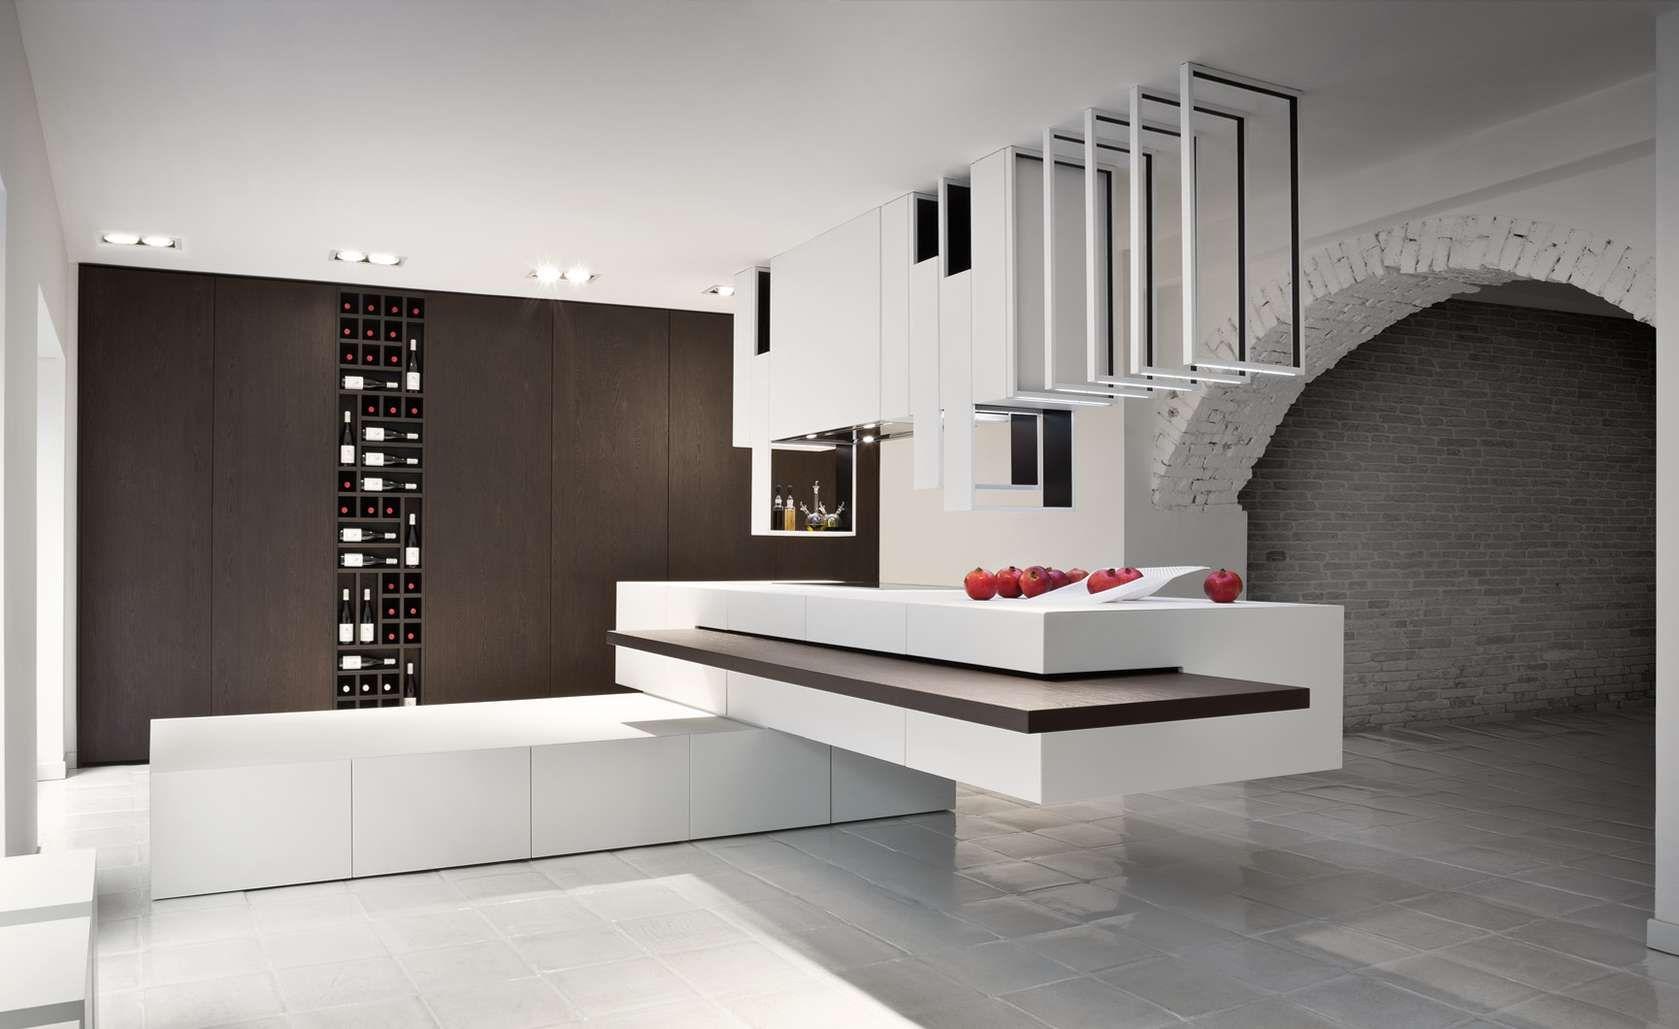 Sie gestalten küchen-design-ideen the cut aka the swiss army knife of kitchens  küchen  pinterest